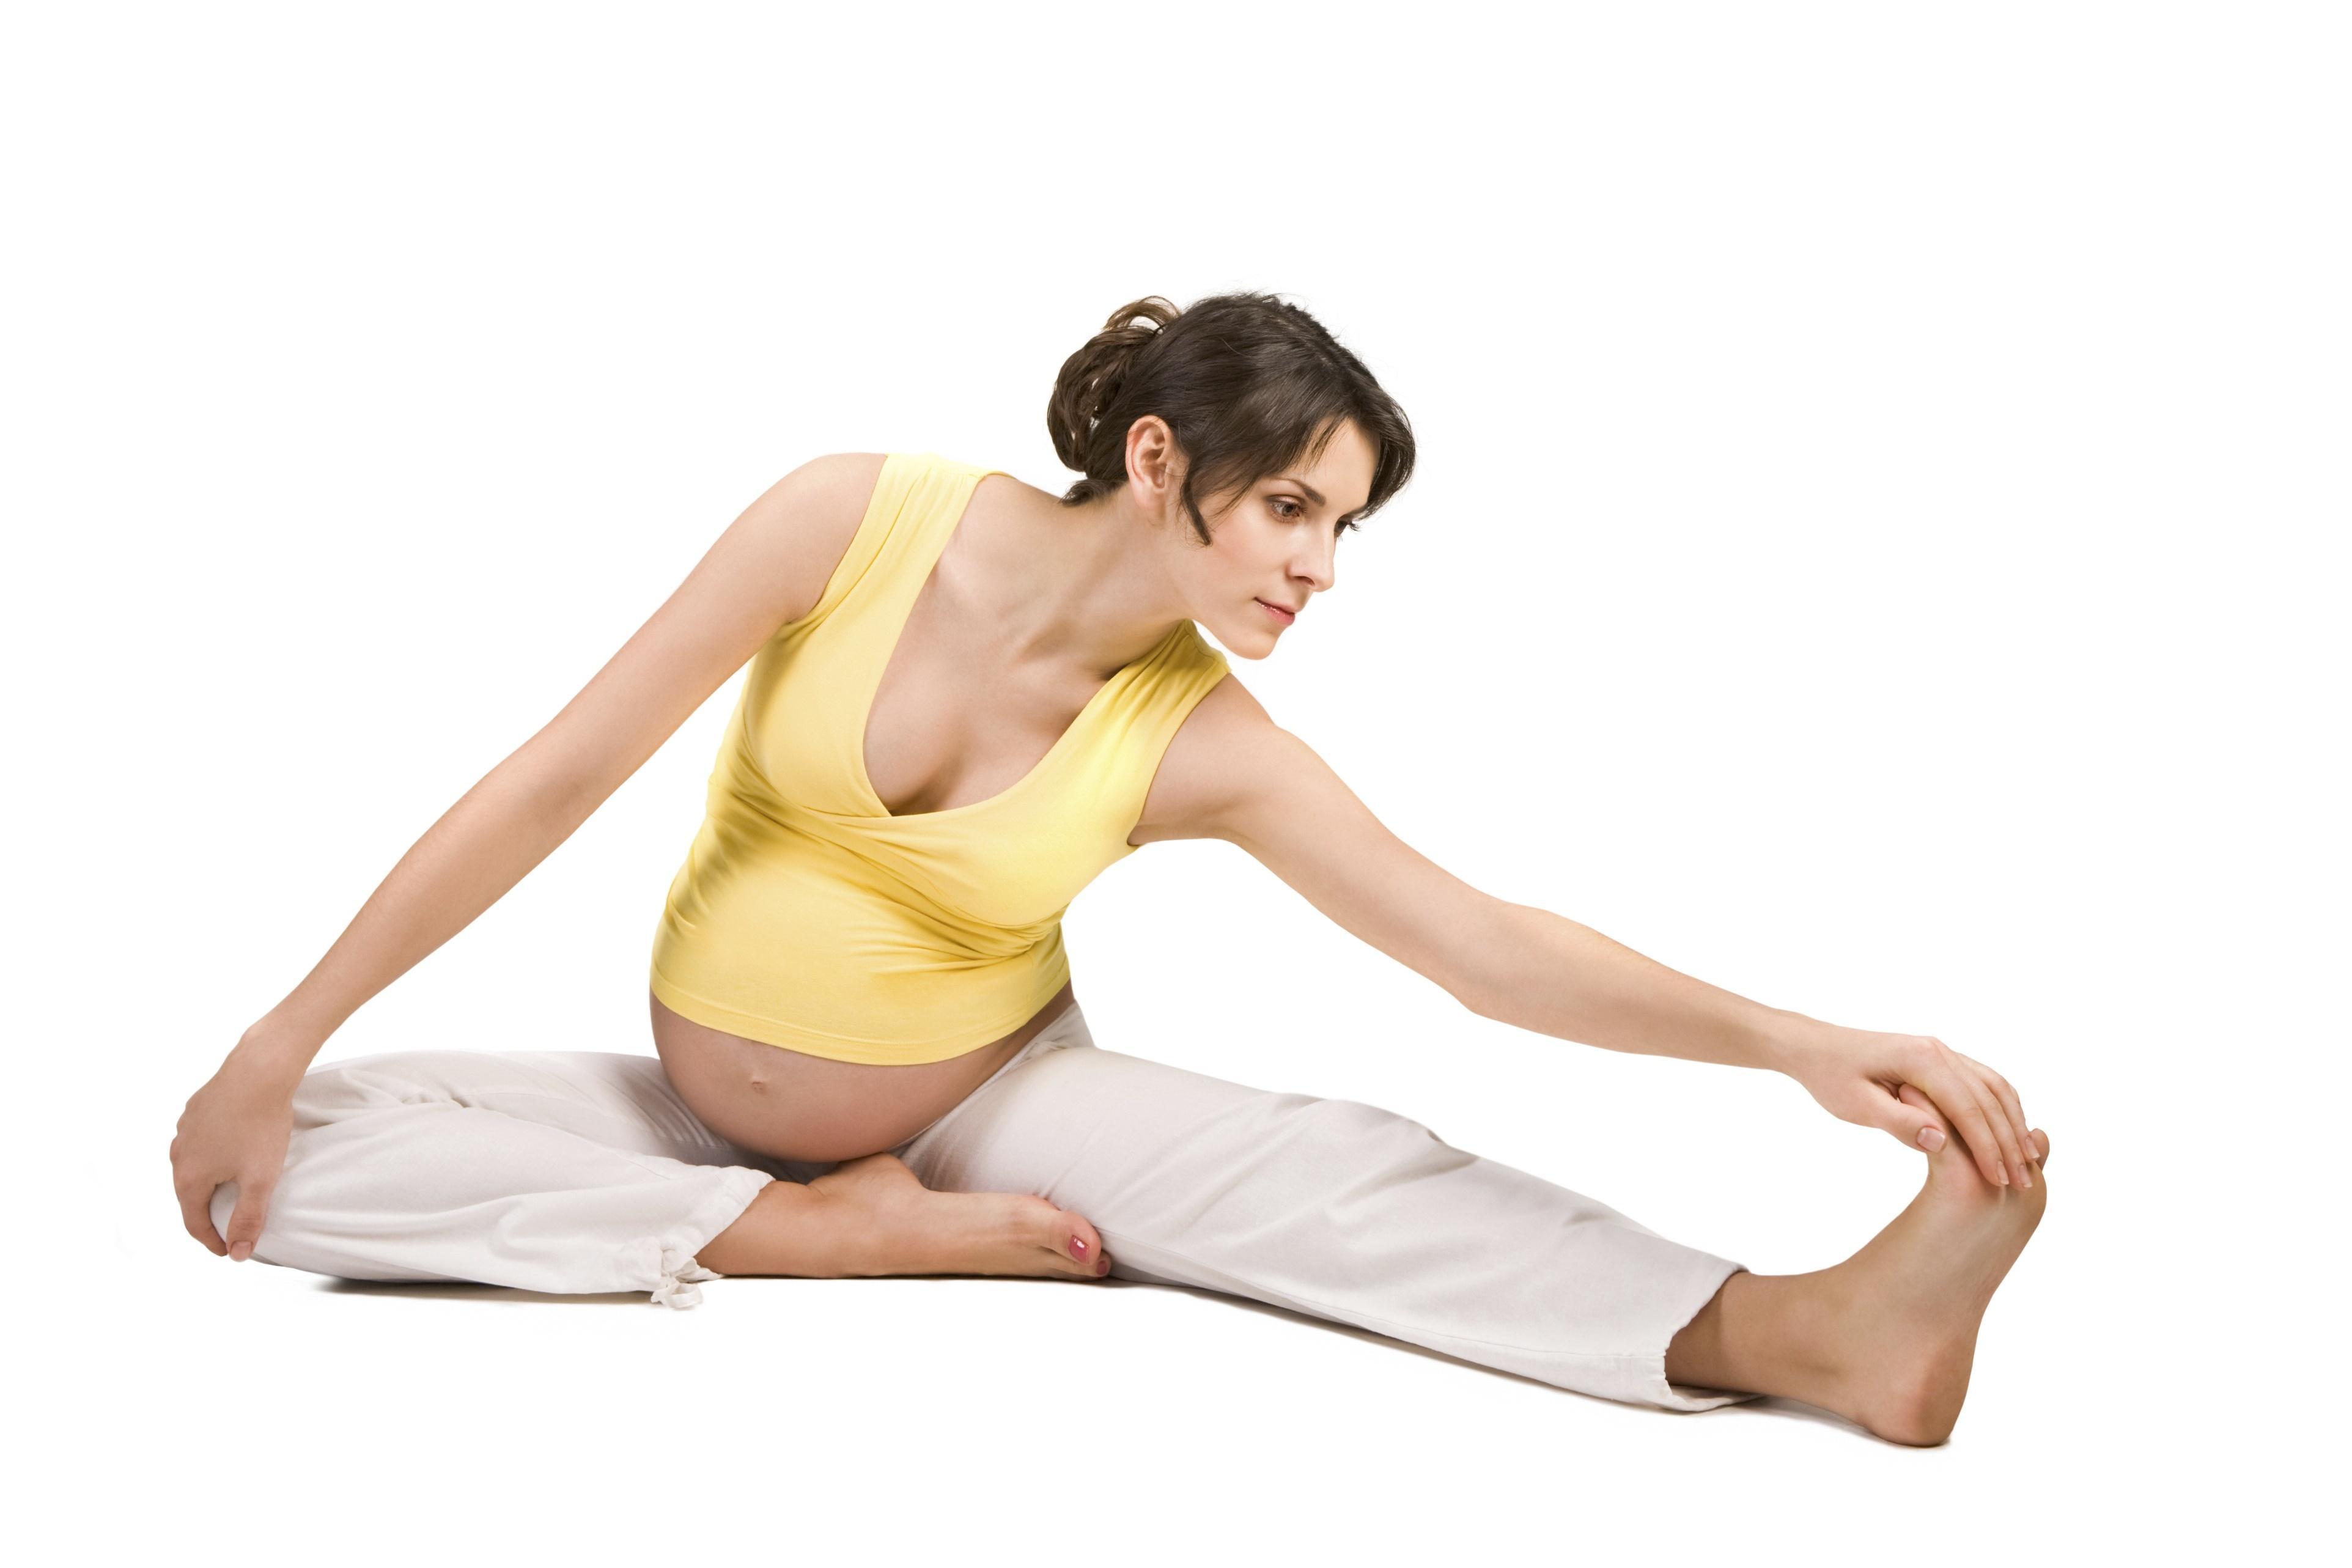 Exercício Durante a Gravidez – O Que Você Pode Fazer para Ter uma Gravidez Saudável